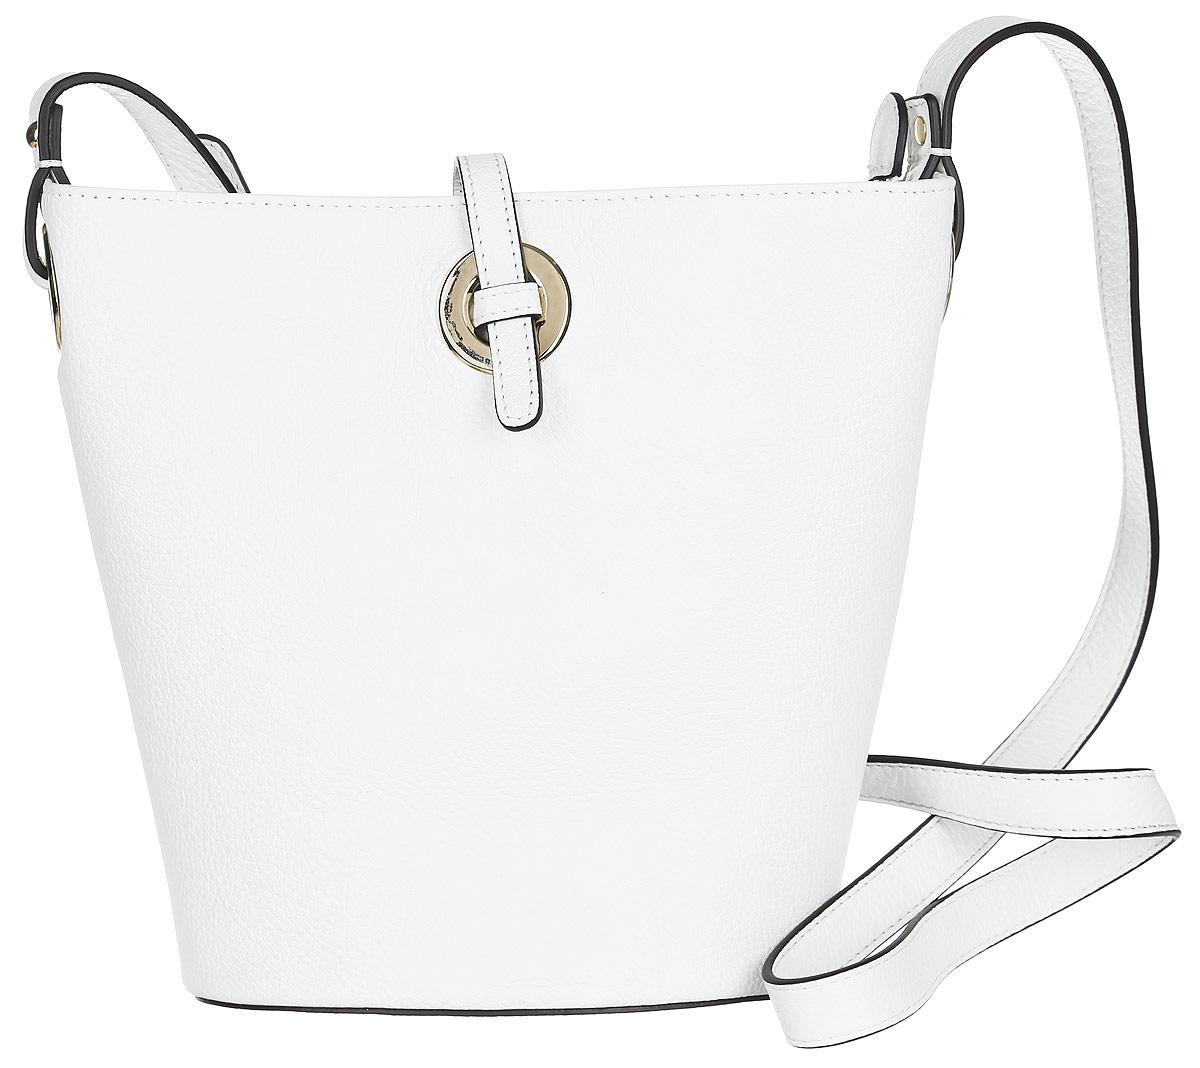 Сумка женская Palio, цвет: белый. 14379AR-06514379AR-065 whiteСтильная сумка Palio, выполненная из натуральной кожи с зернистой фактурой, оформлена металлической фурнитурой. Изделие застегивается на застежку-молнию и дополнительно на хлястик. Внутри сумки расположены: накладной кармашек для мелочей и врезной карман на молнии. На задней стороне сумки расположен врезной карман на молнии. Изделие оснащено плечевым ремнем регулируемой длины. К сумке прилагается фирменный чехол для хранения. Элегантная сумка прекрасно дополнит ваш образ.